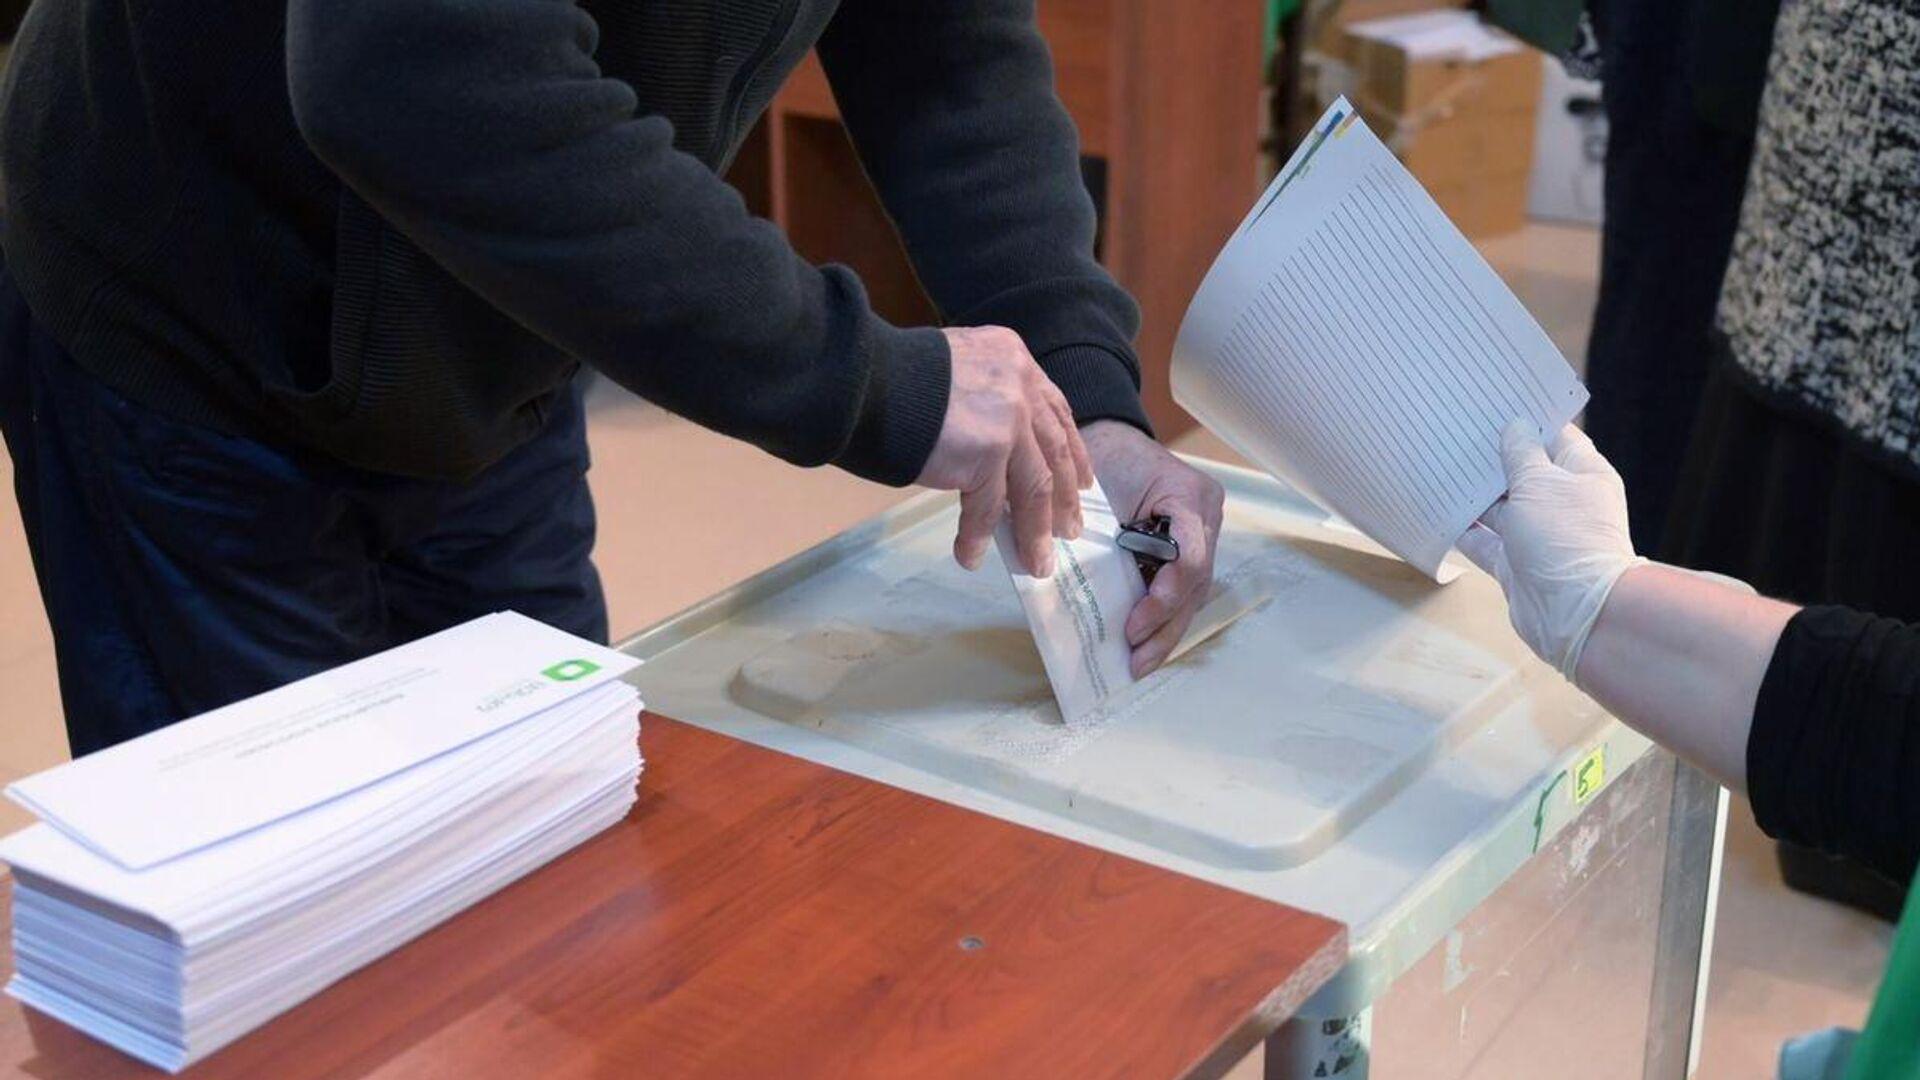 Мужчина принимает участие в голосовании на парламентских выборах в Грузии на одном из избирательных участков в Тбилиси - РИА Новости, 1920, 31.10.2020